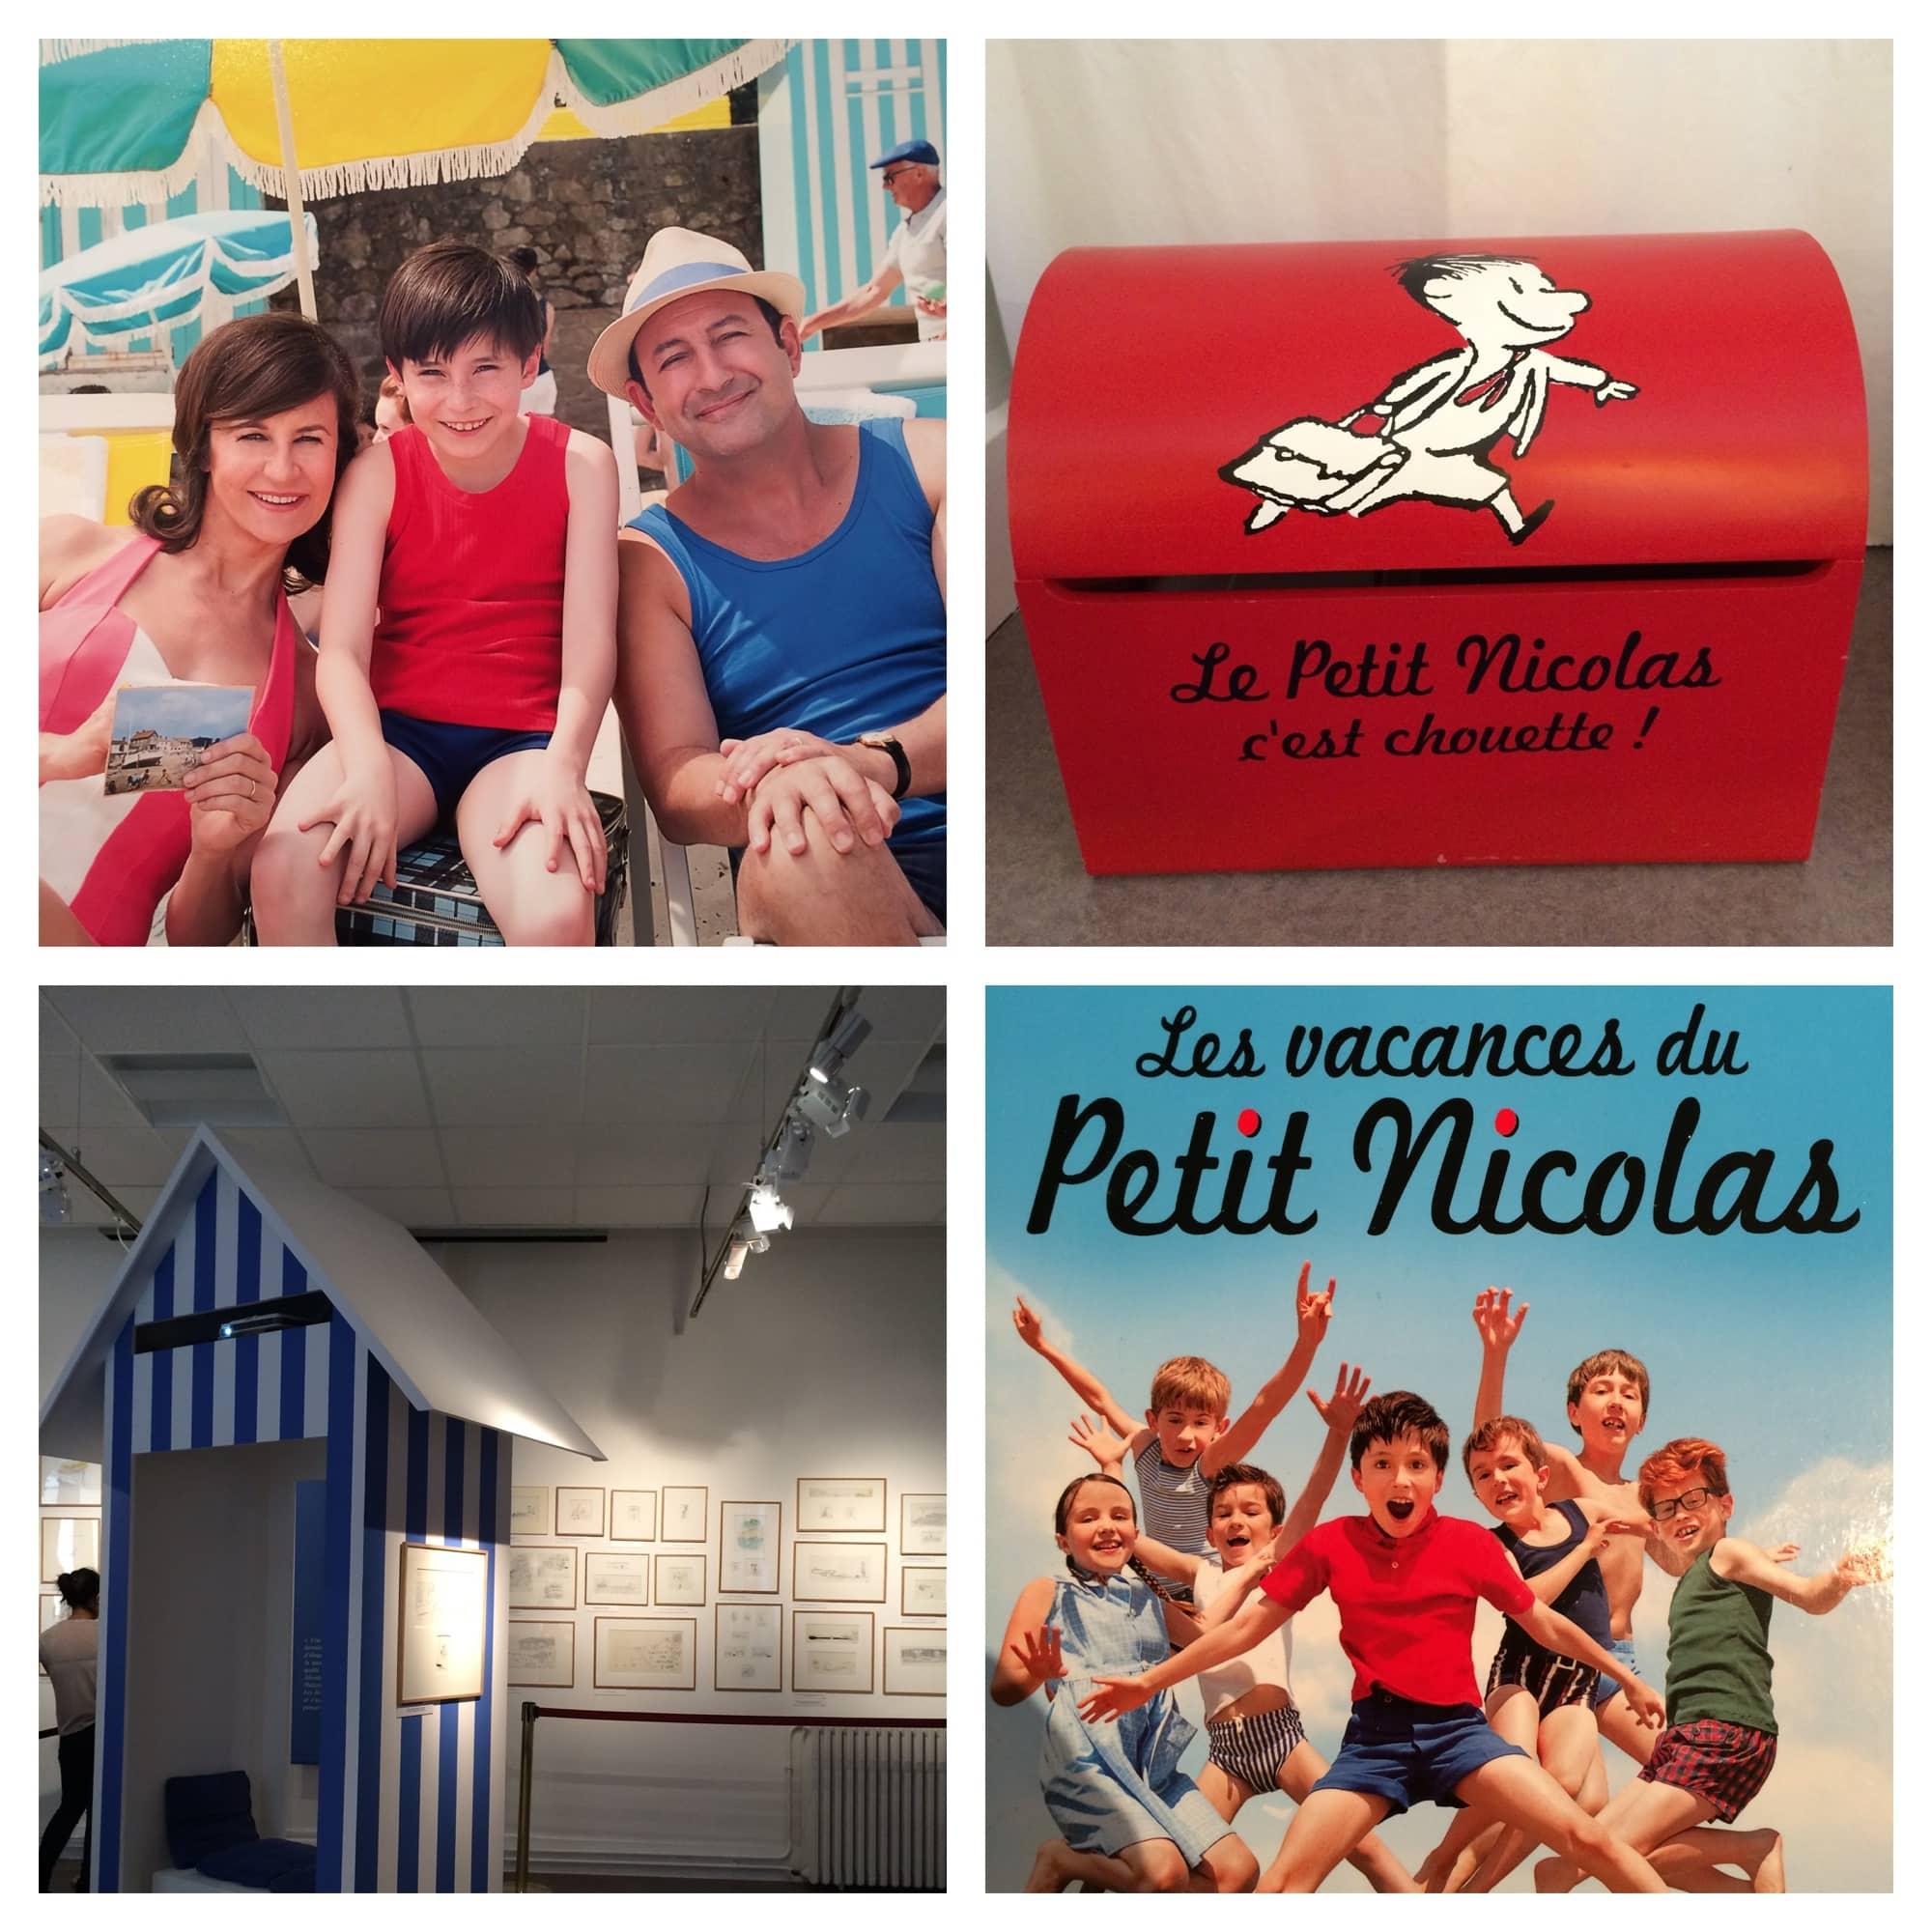 Les vacances du petit nicolas un livre un film une expo - Le petit nicolas film ...